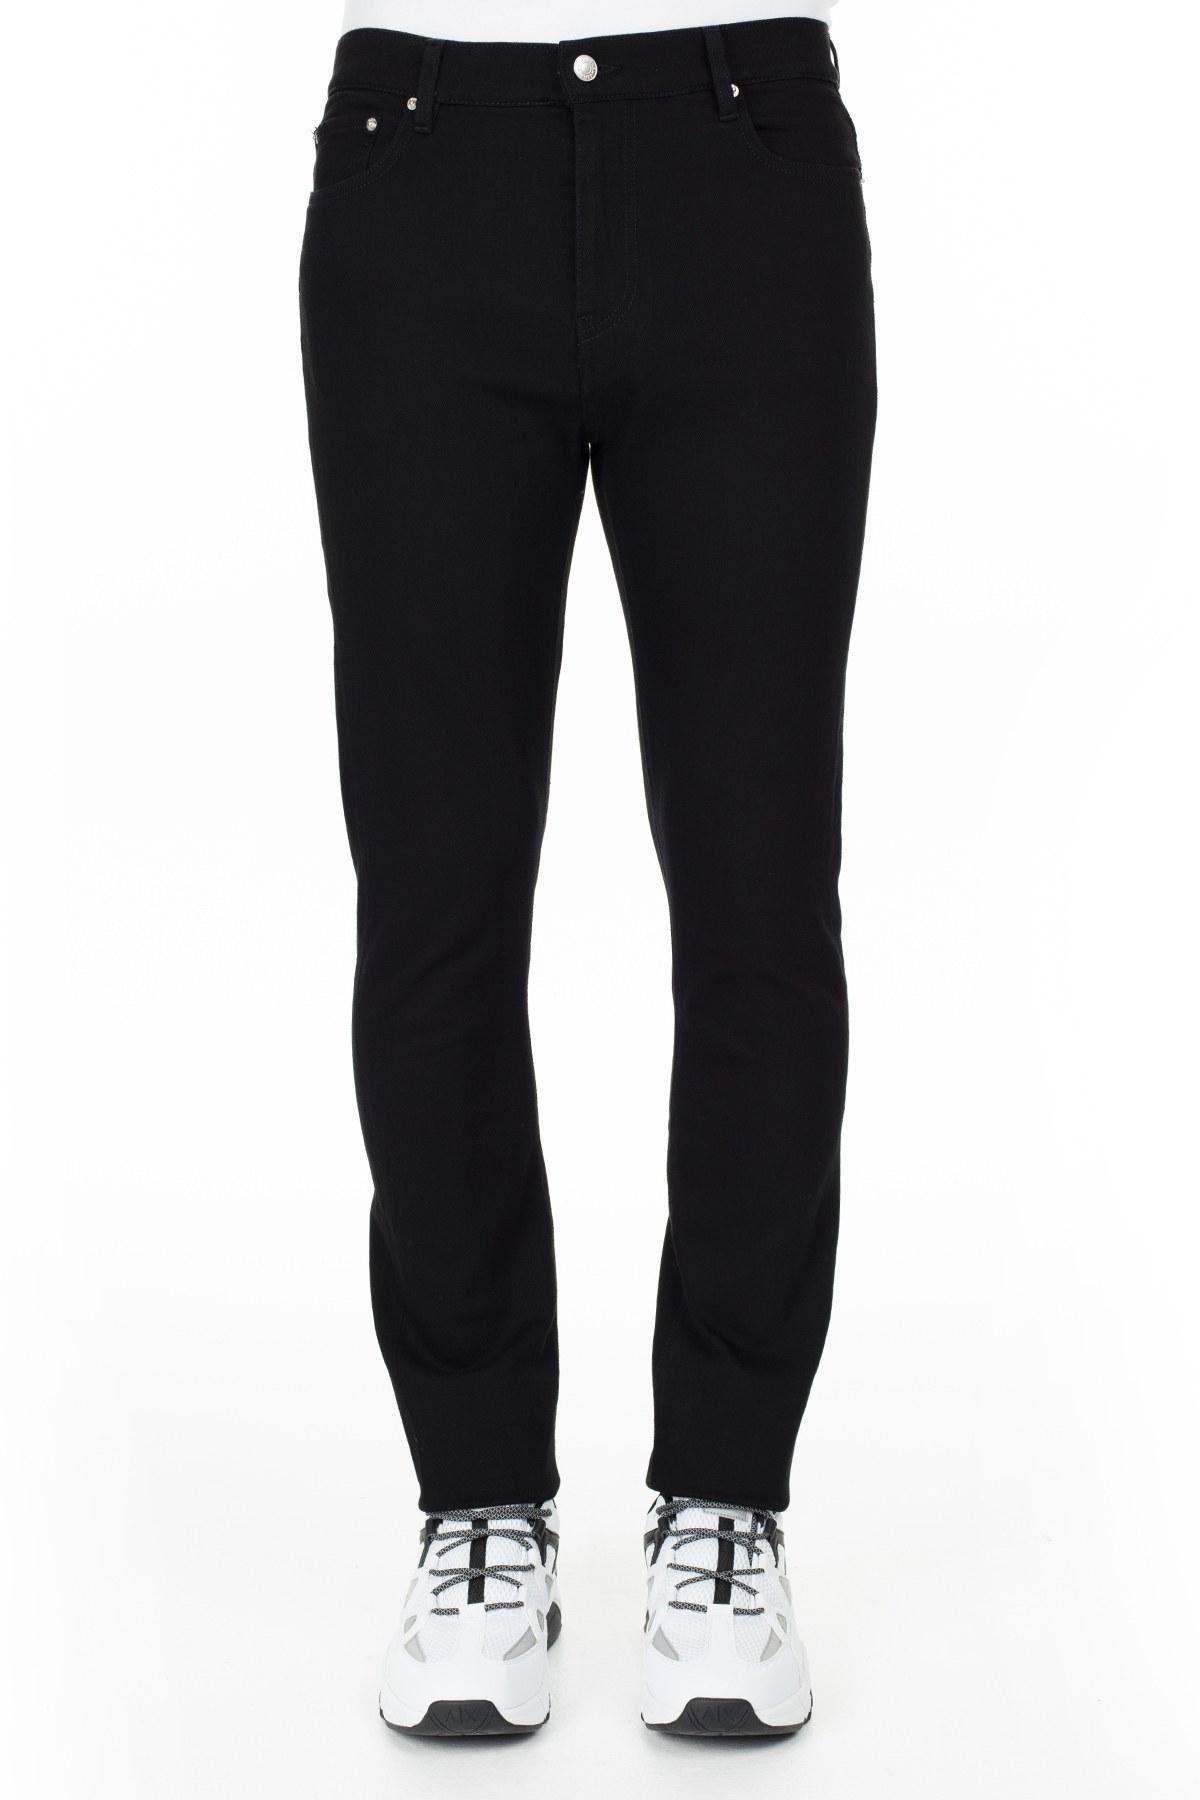 Kenzo Jeans Erkek Kot Pantolon FA5 5PA550 2ED 99 SİYAH